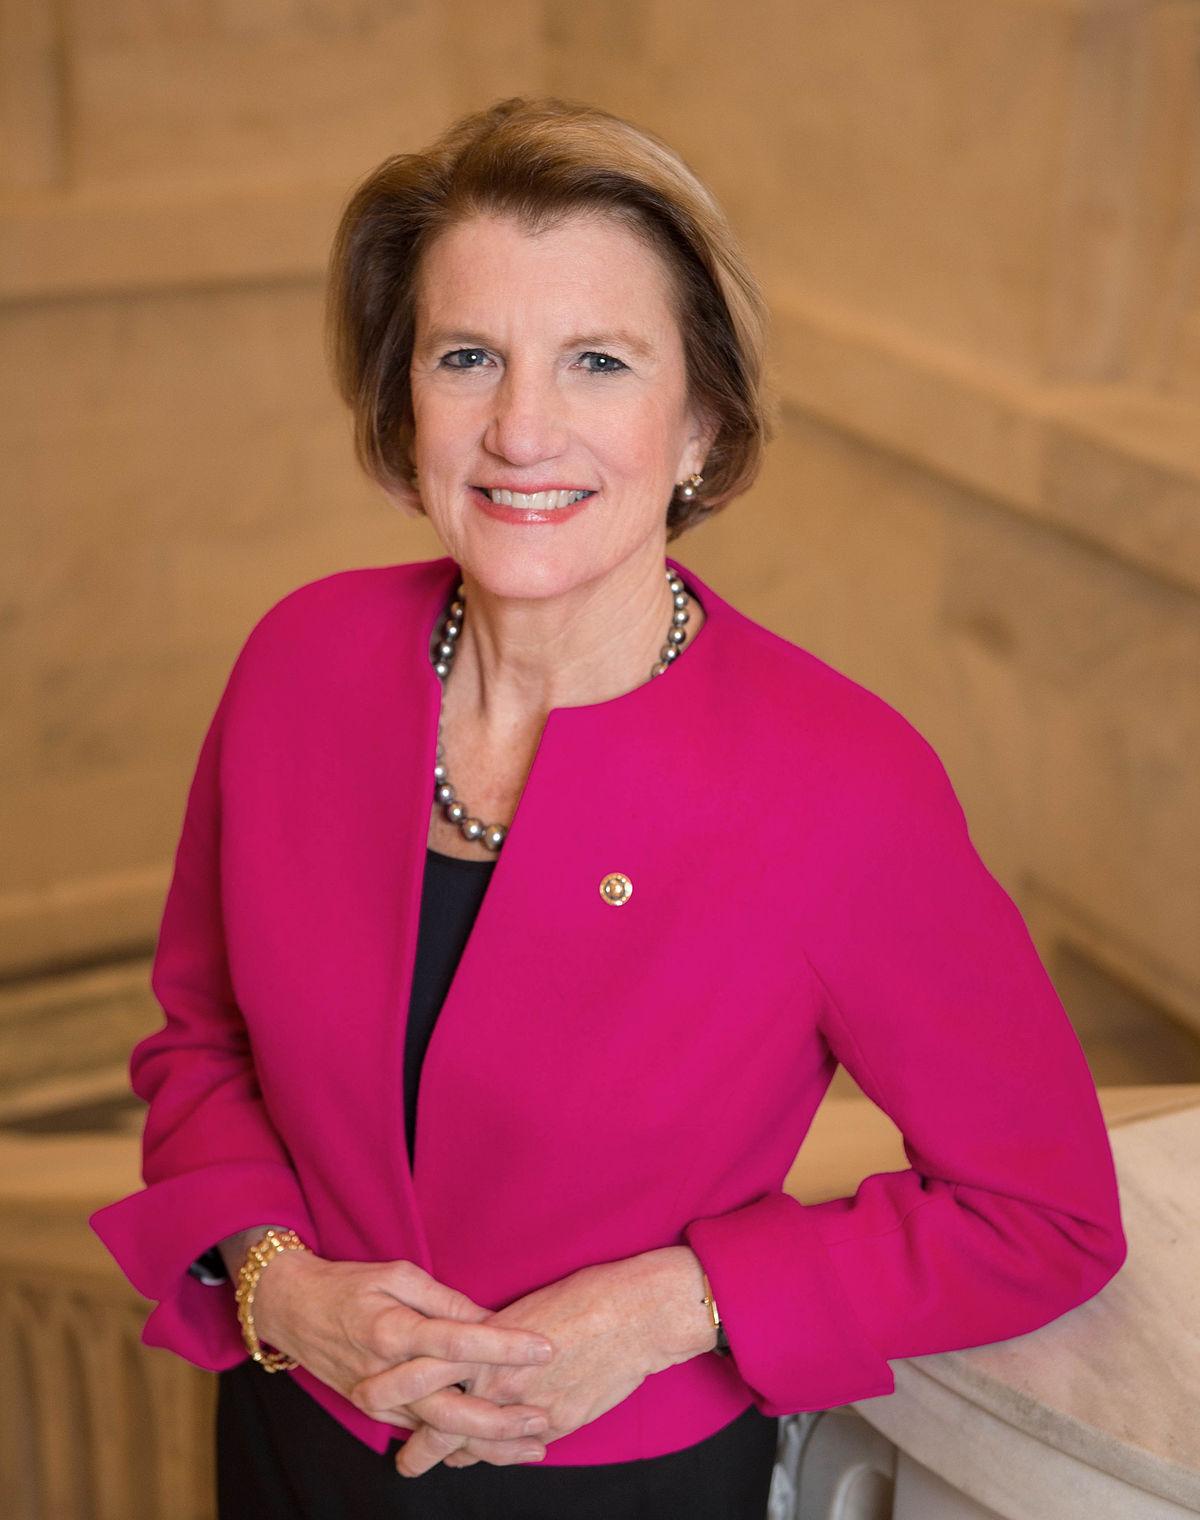 Shelley_Moore_Capito_official_Senate_photo.jpg